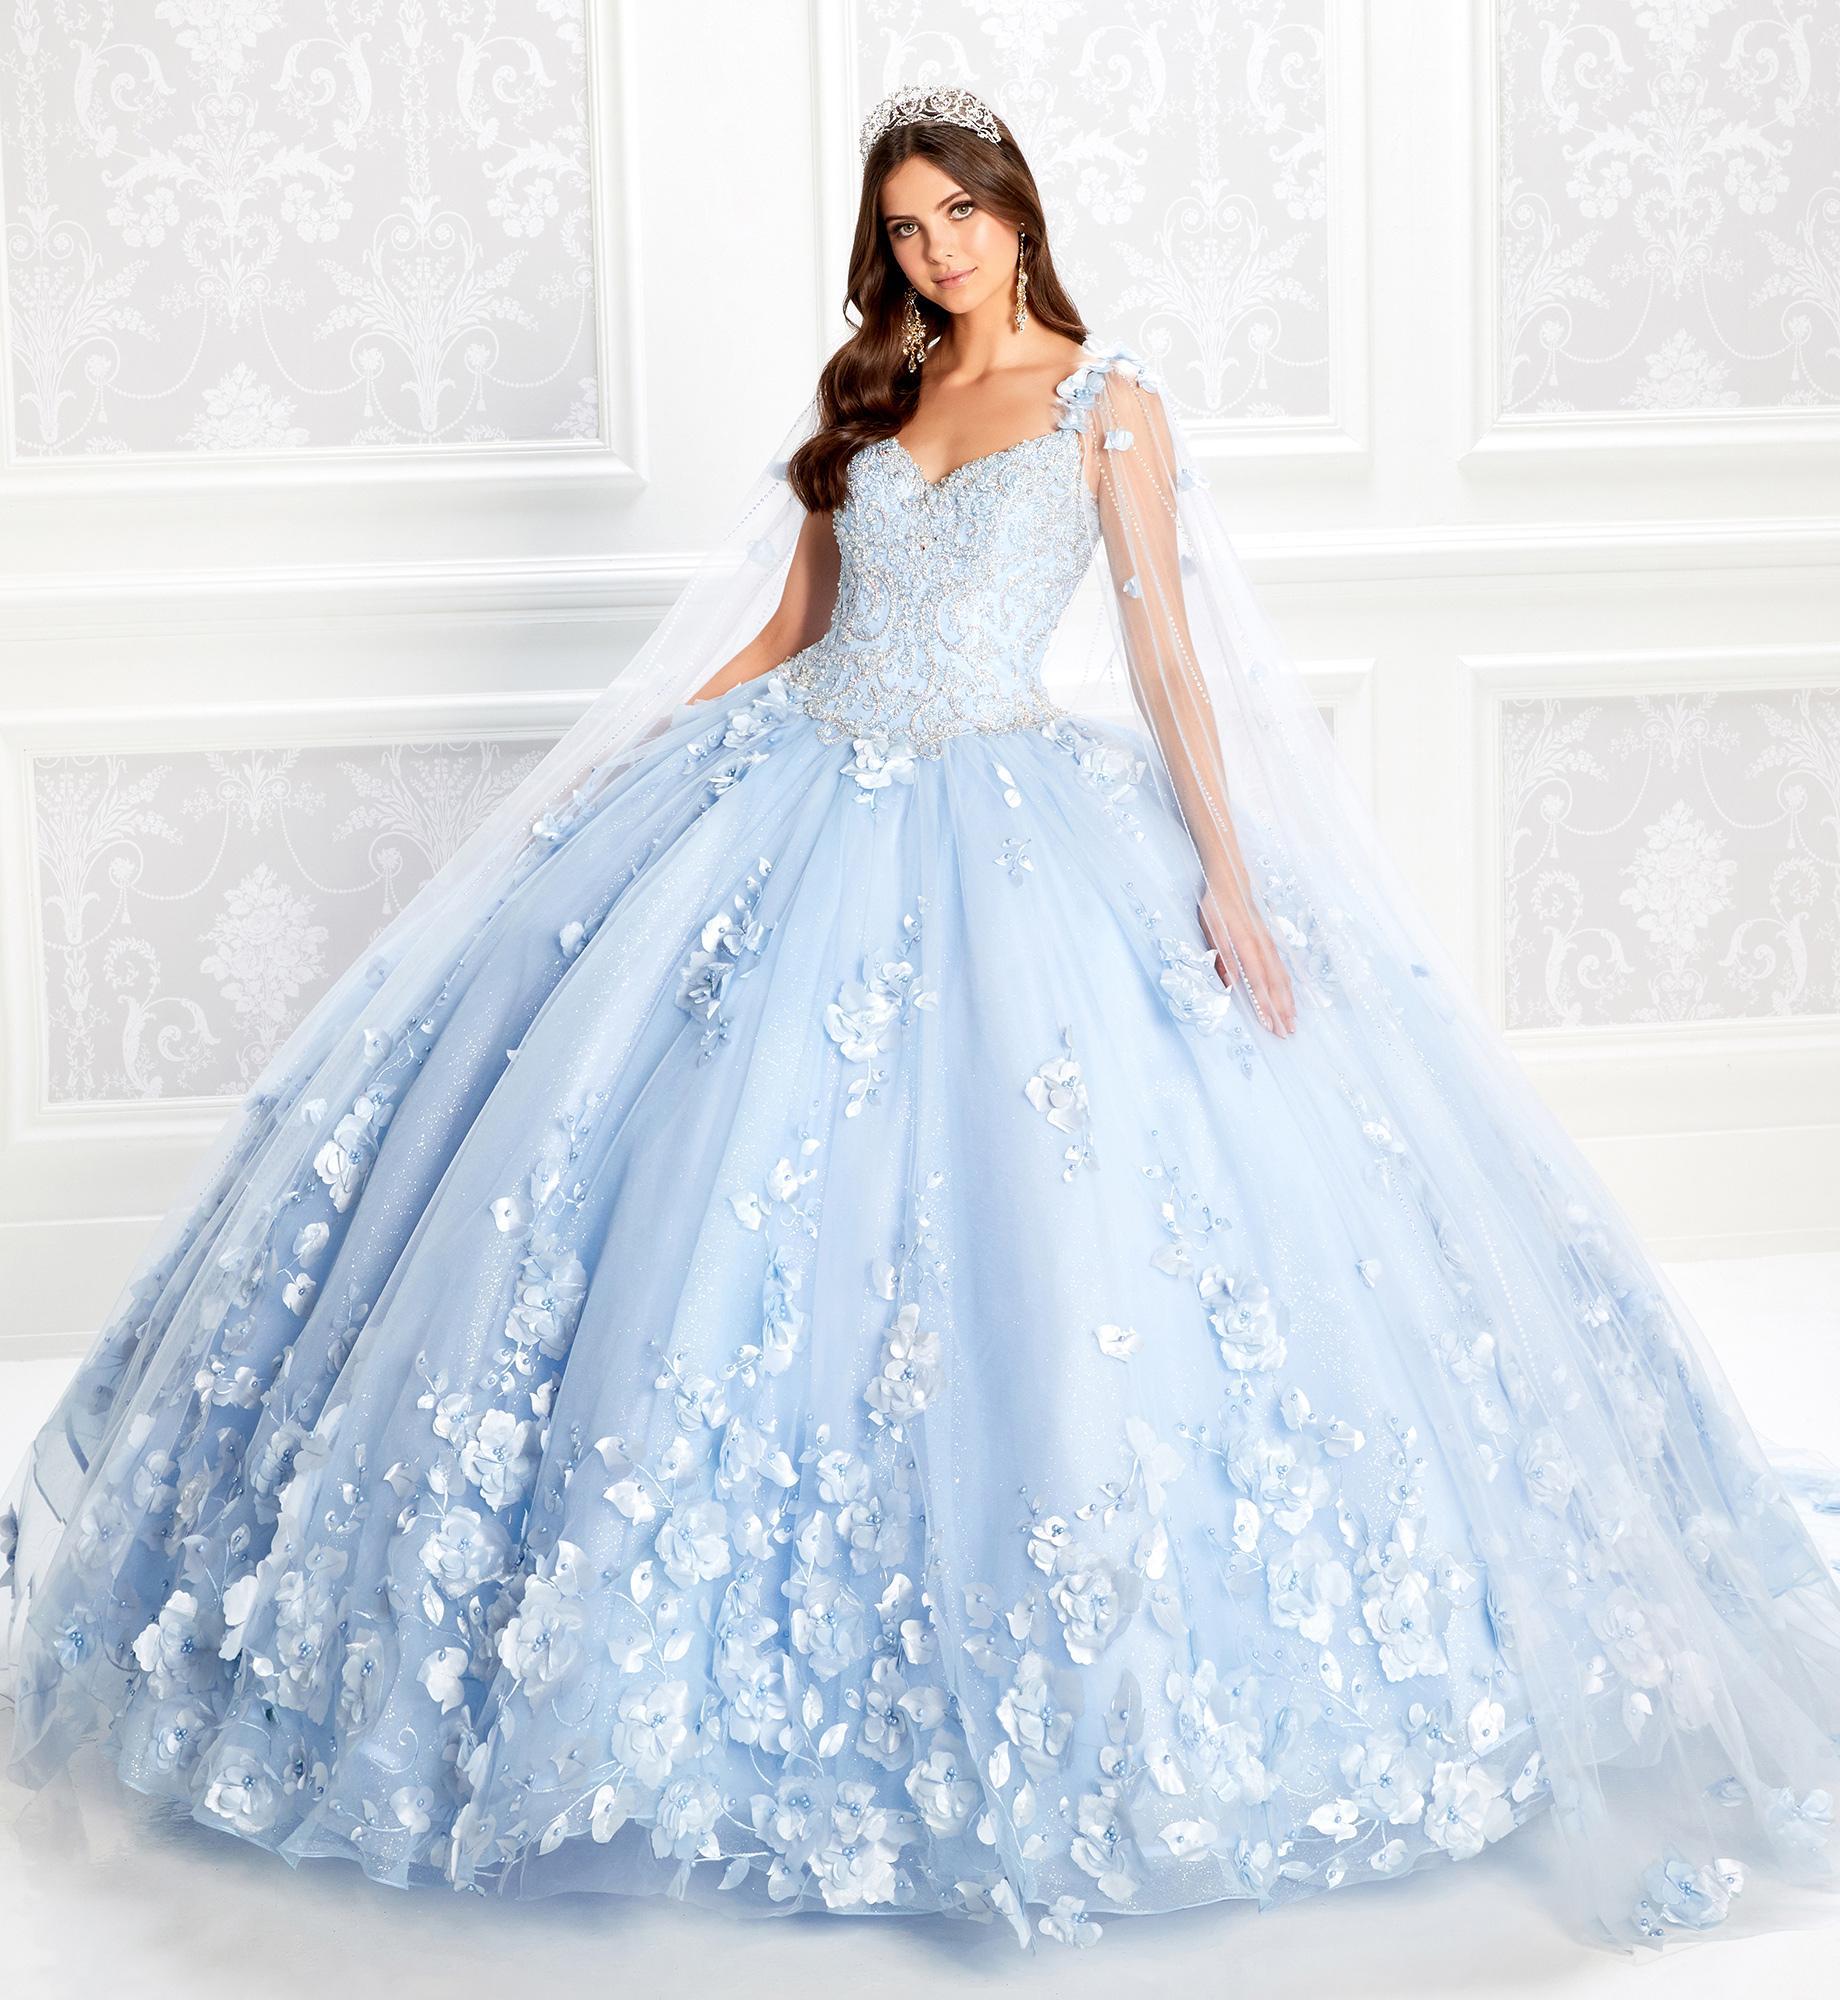 2020 Abito da ballo blu chiaro Abito Quinceanera Abiti perline Corpo Corsetto Corsetto Pizzo Floral Appliqued Abito da ballo con Abbigliamento Principessa Abiti in pizzo